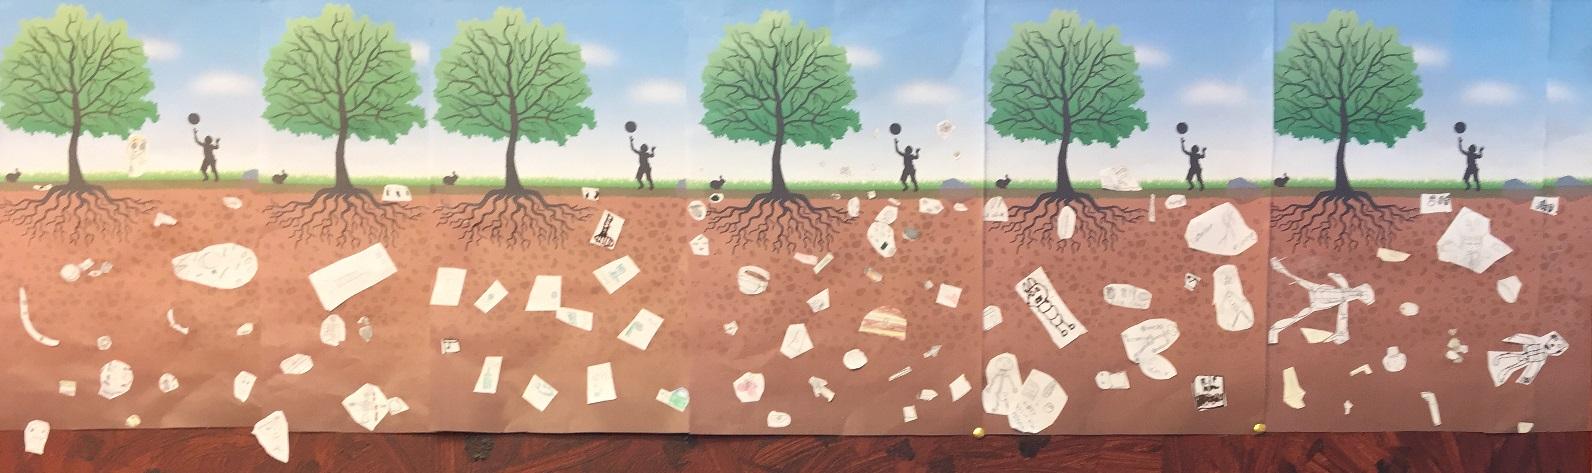 Genomskärning av jord och vad som finns under ytan.